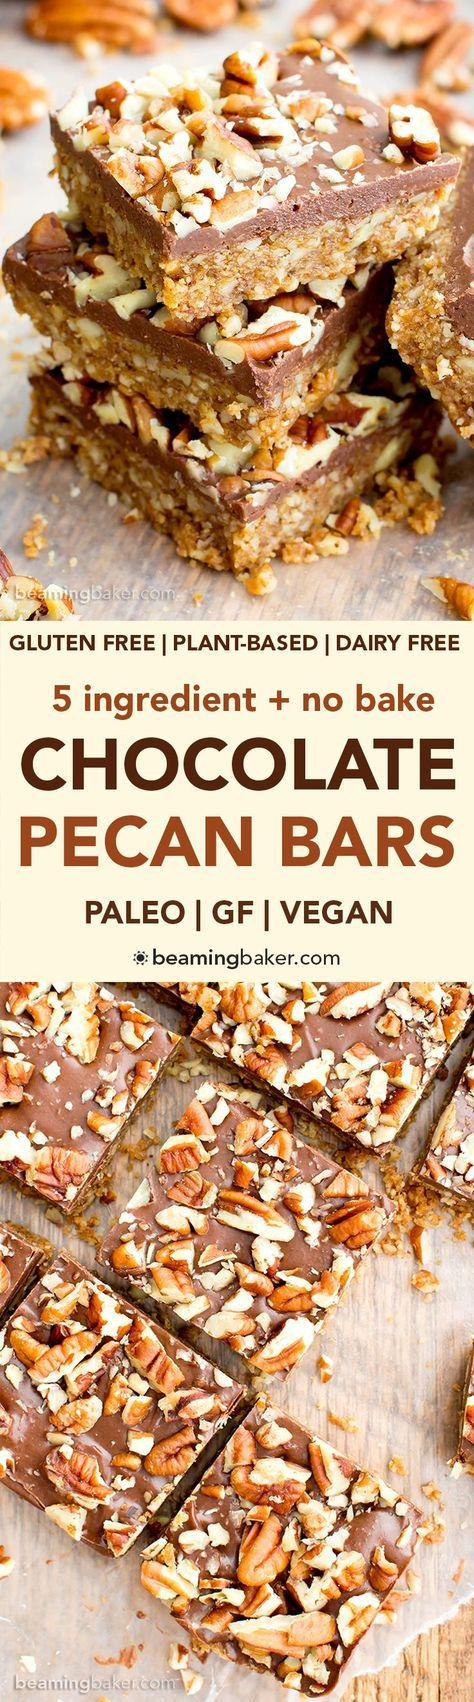 No Bake Paleo Vegan Chocolate Pecan Bars #GlutenFree #DairyFree   Beaming Baker